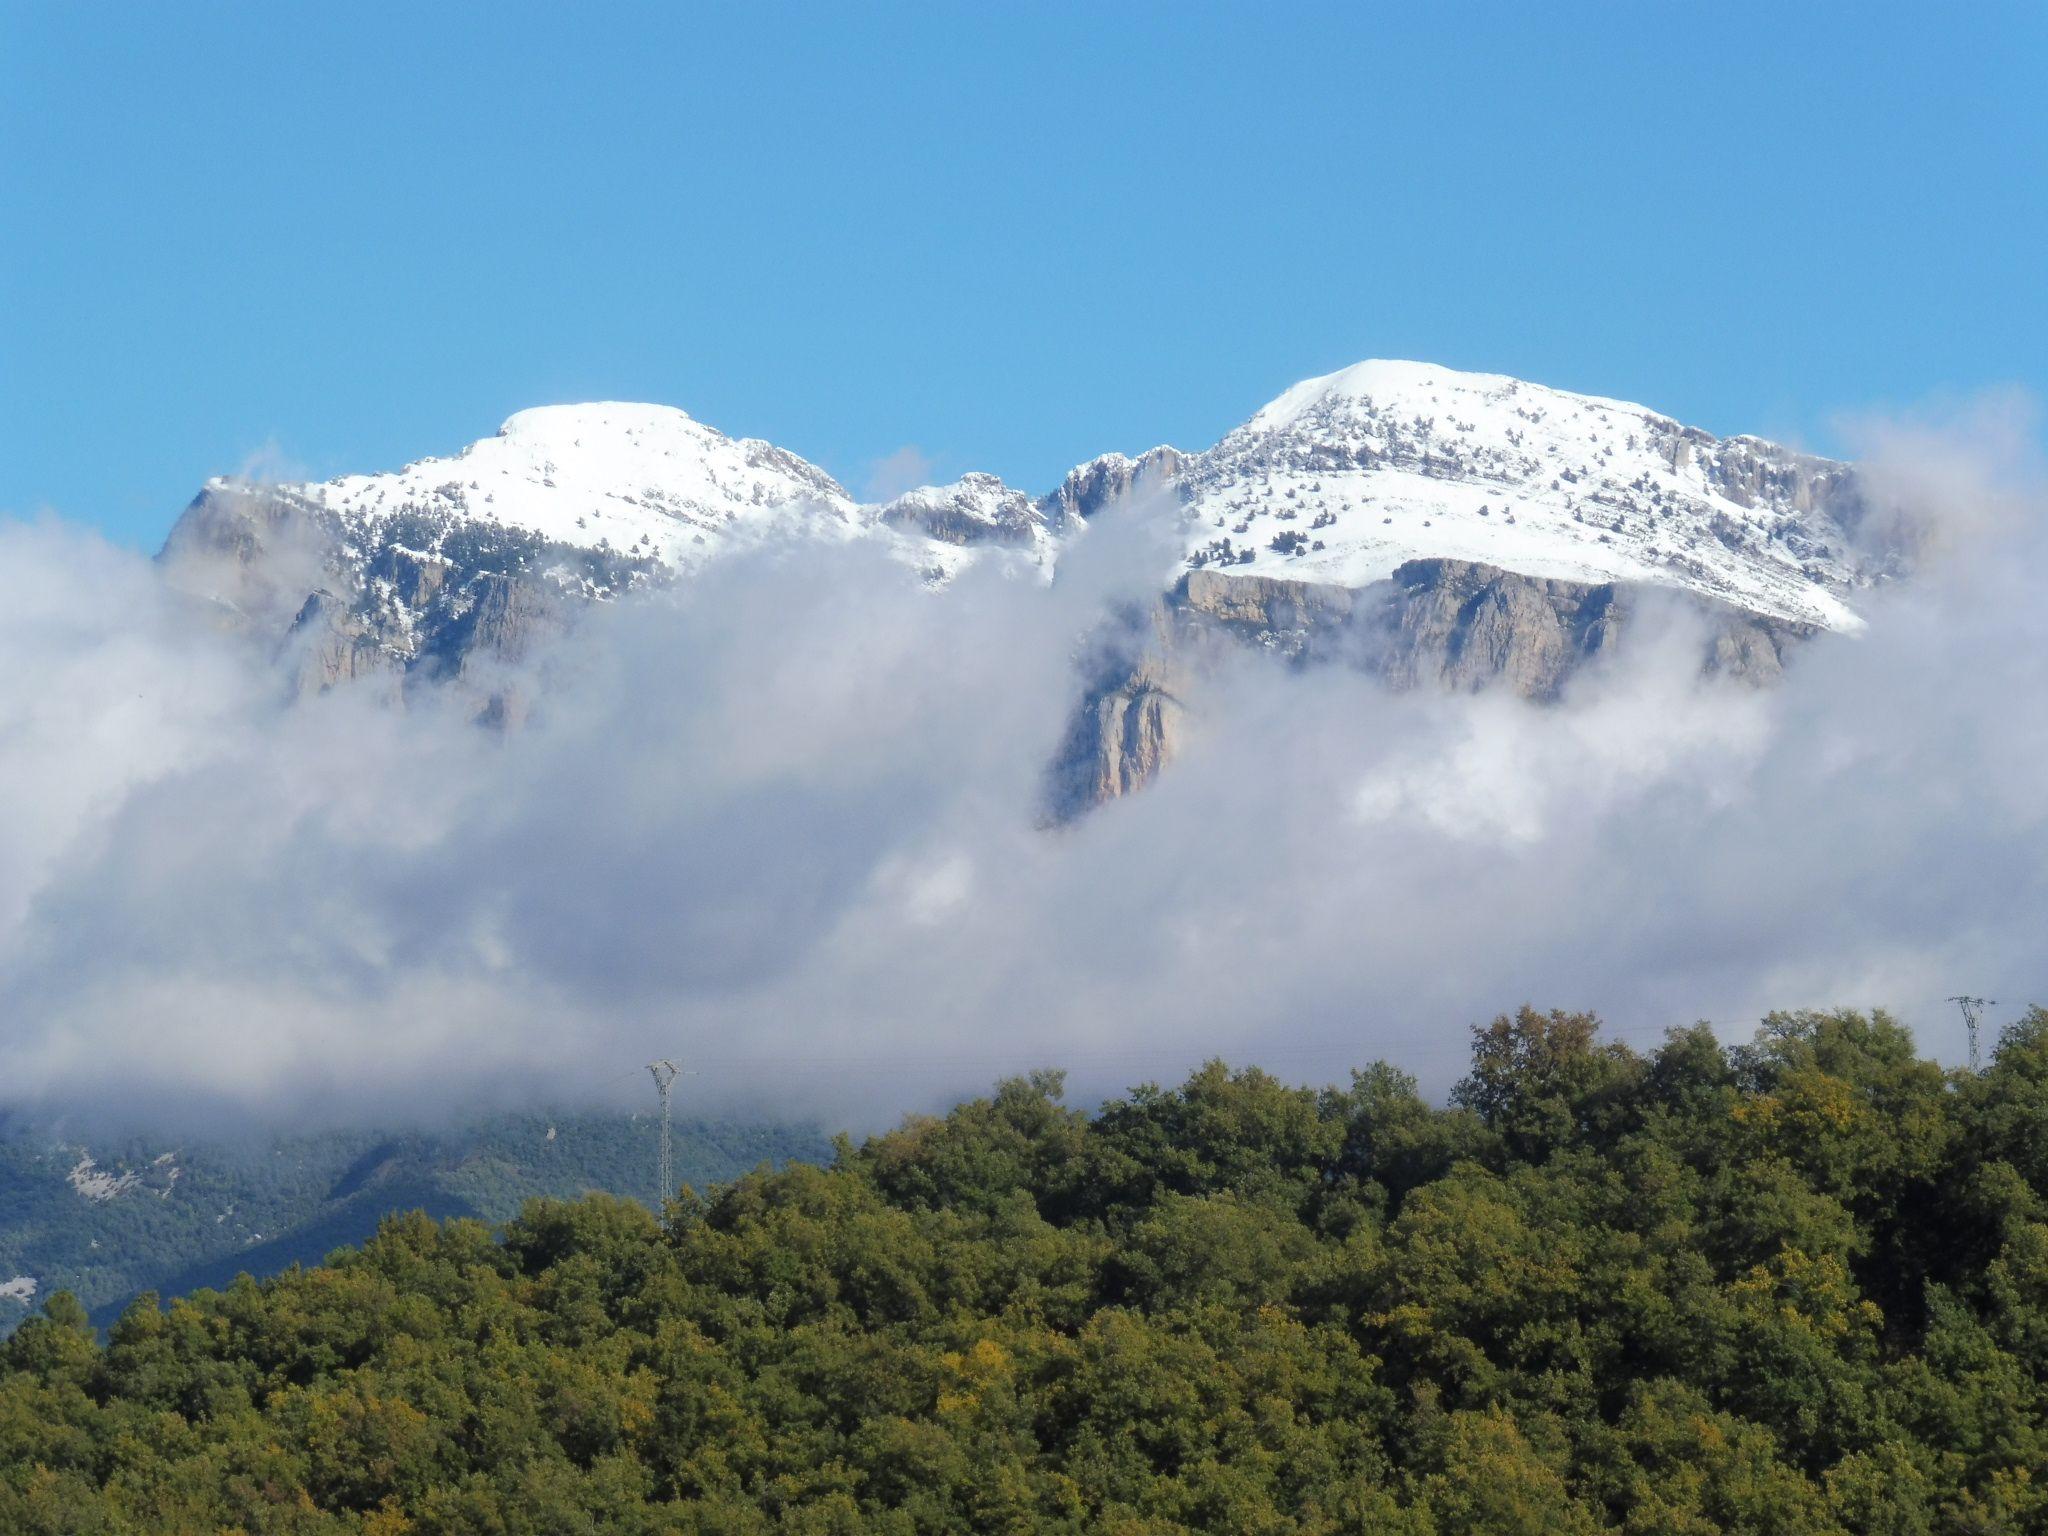 Peña Montañesa, imagen realizada hace unos días. Foto: SobrarbeDigital